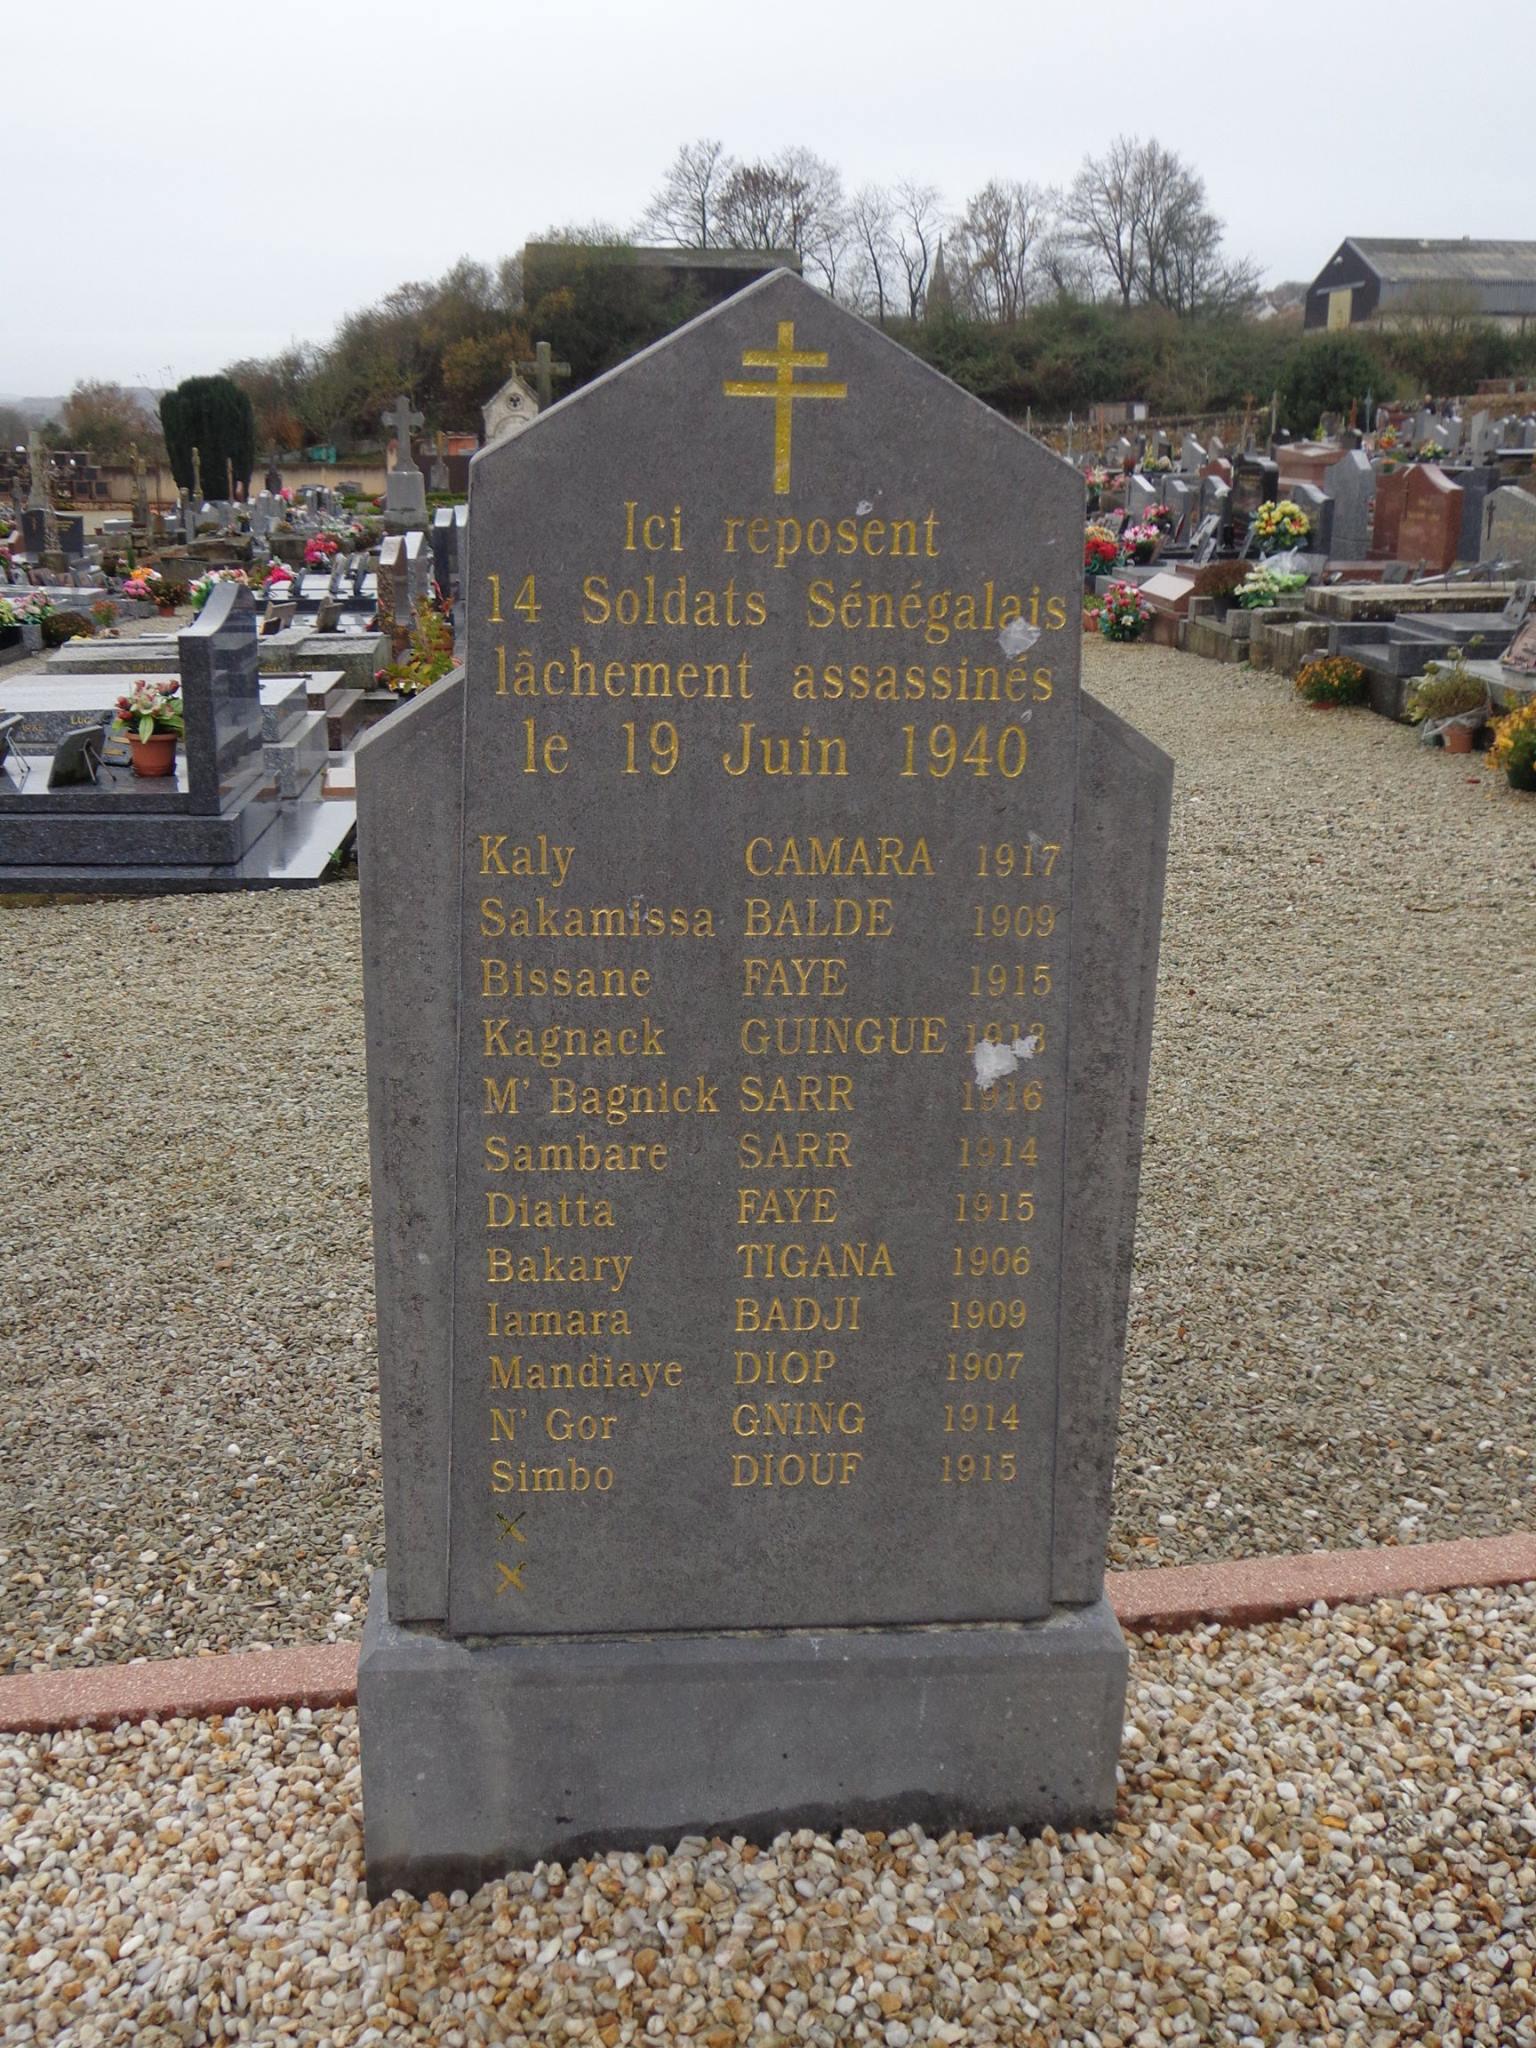 Sillé le Guillaume - Monument commémoratif - Ici reposent 14 Soldats Sénégalais lâchement assassinés le 19 Juin 1940 (Marie-Yvonne Mersanne)